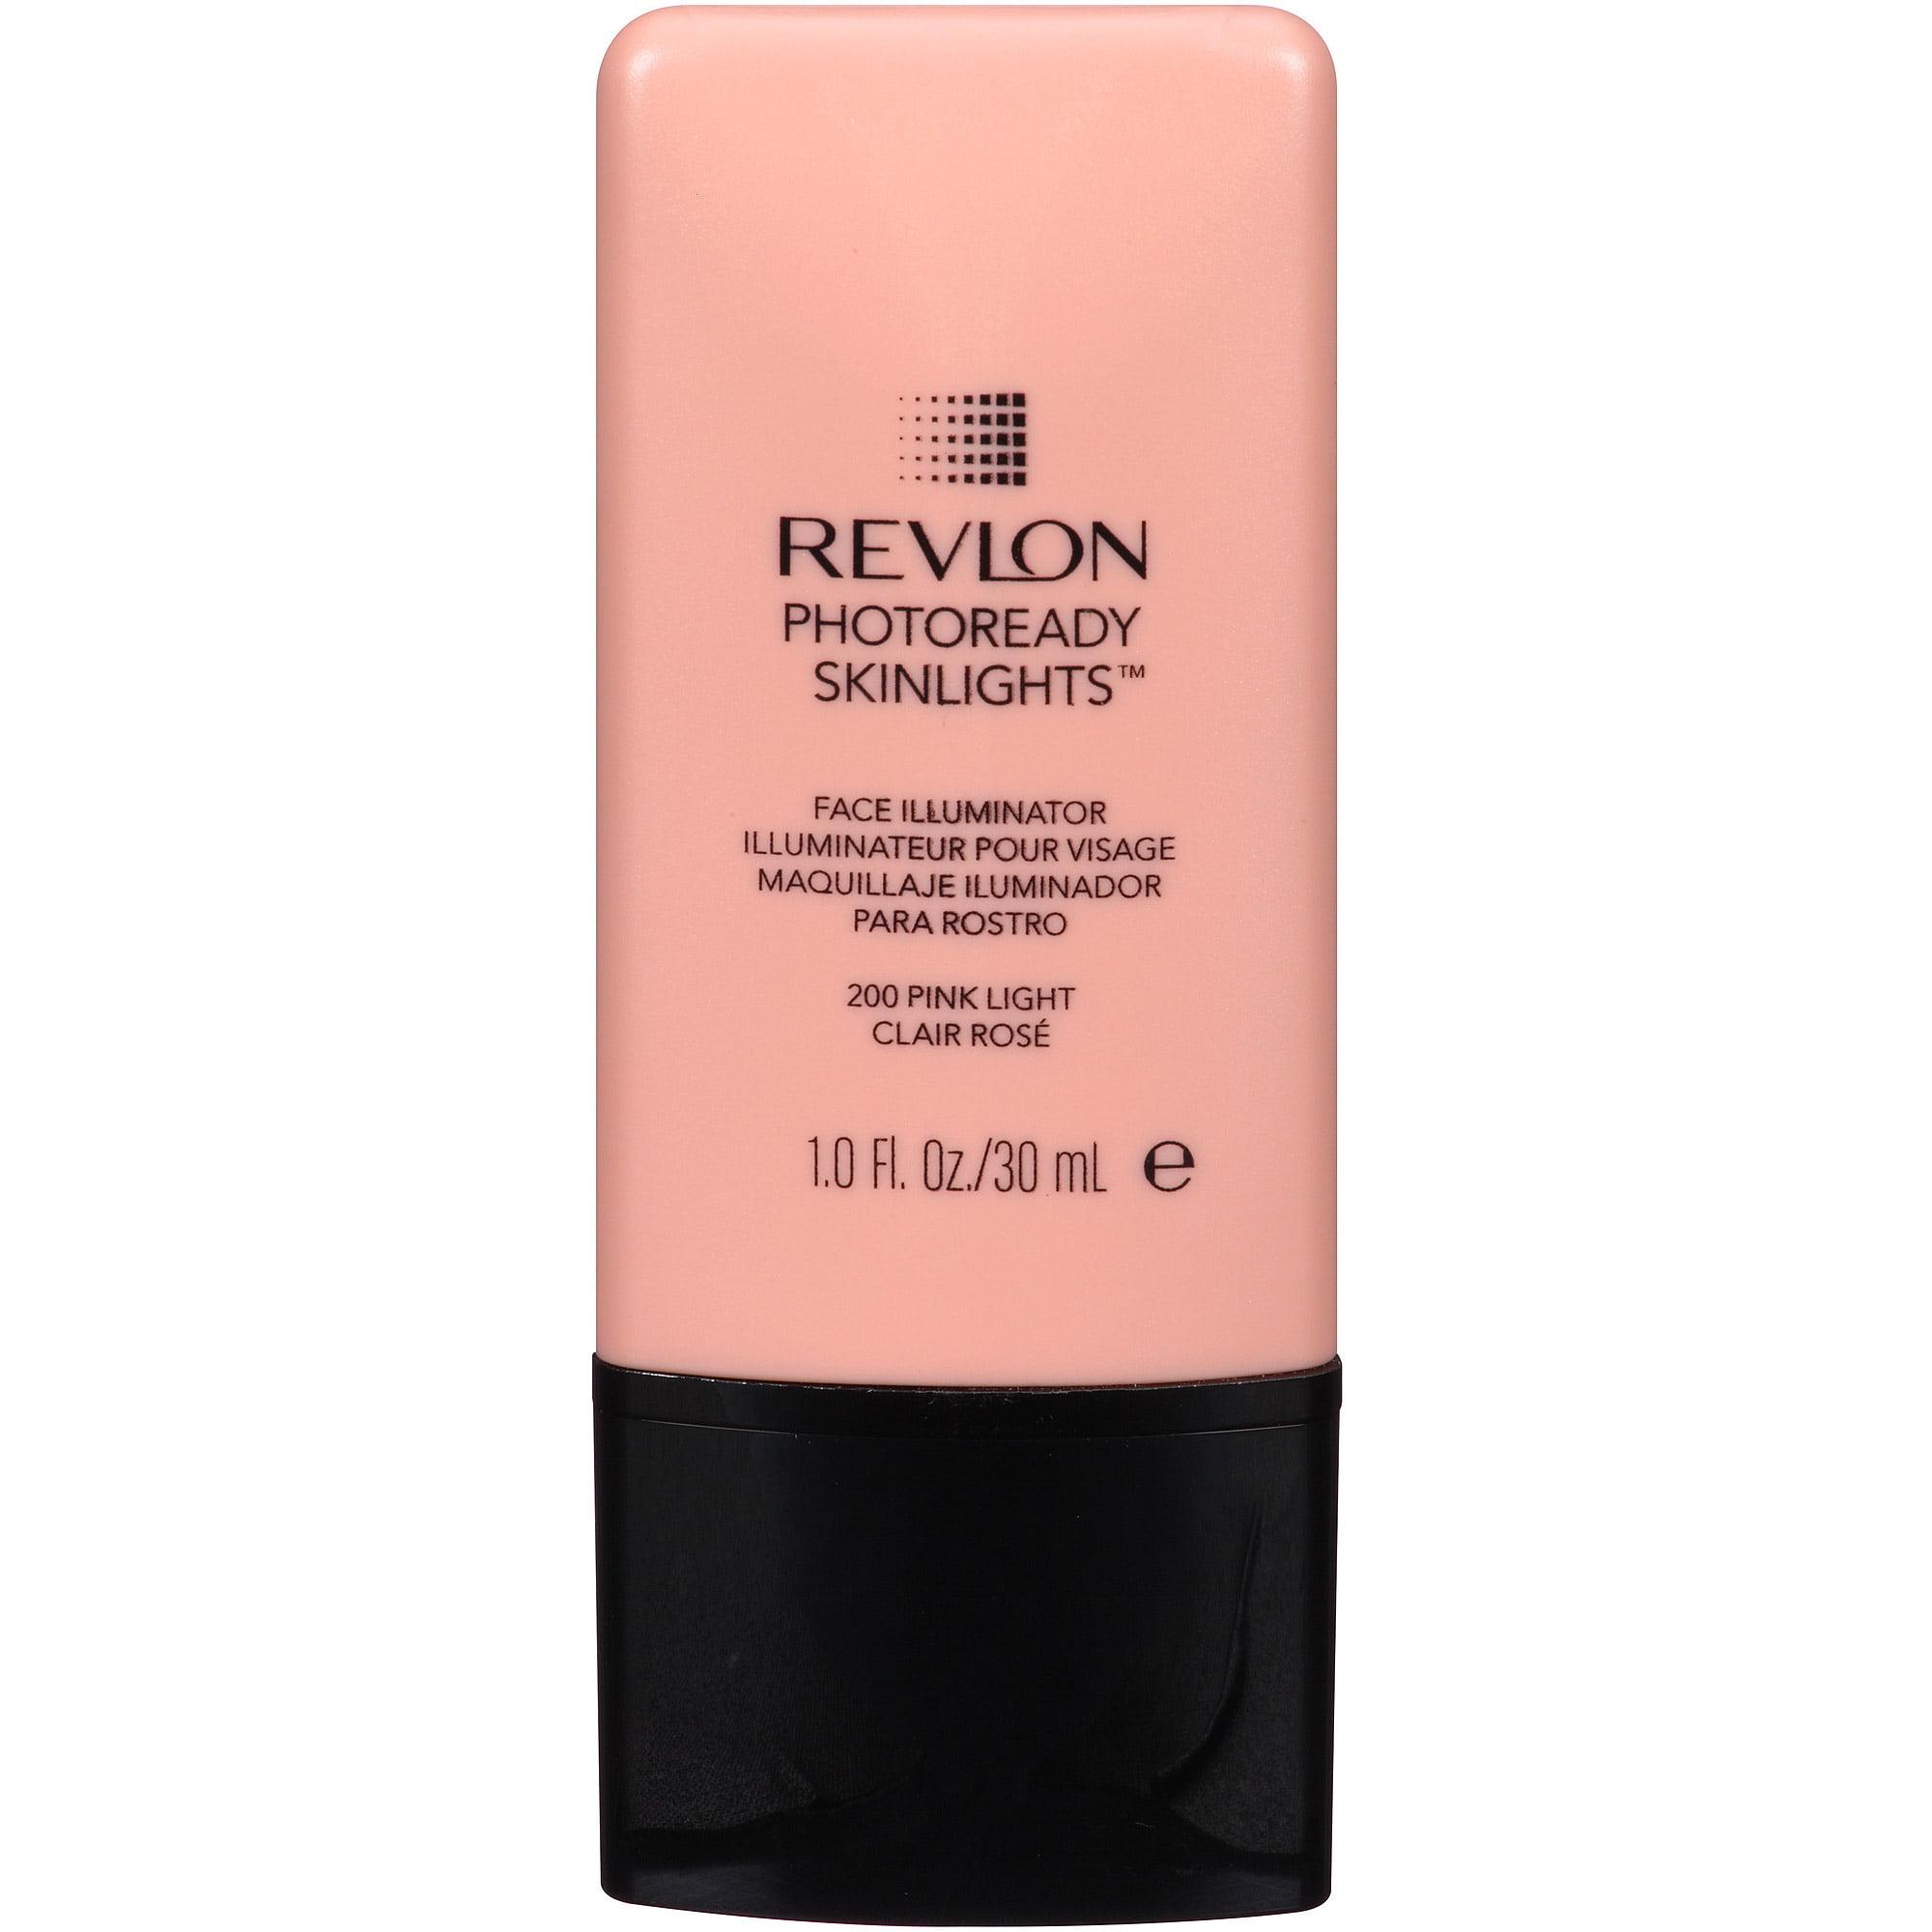 Revlon PhotoReady Skinlights Face Illuminator, 200 Pink Light, 1 ...